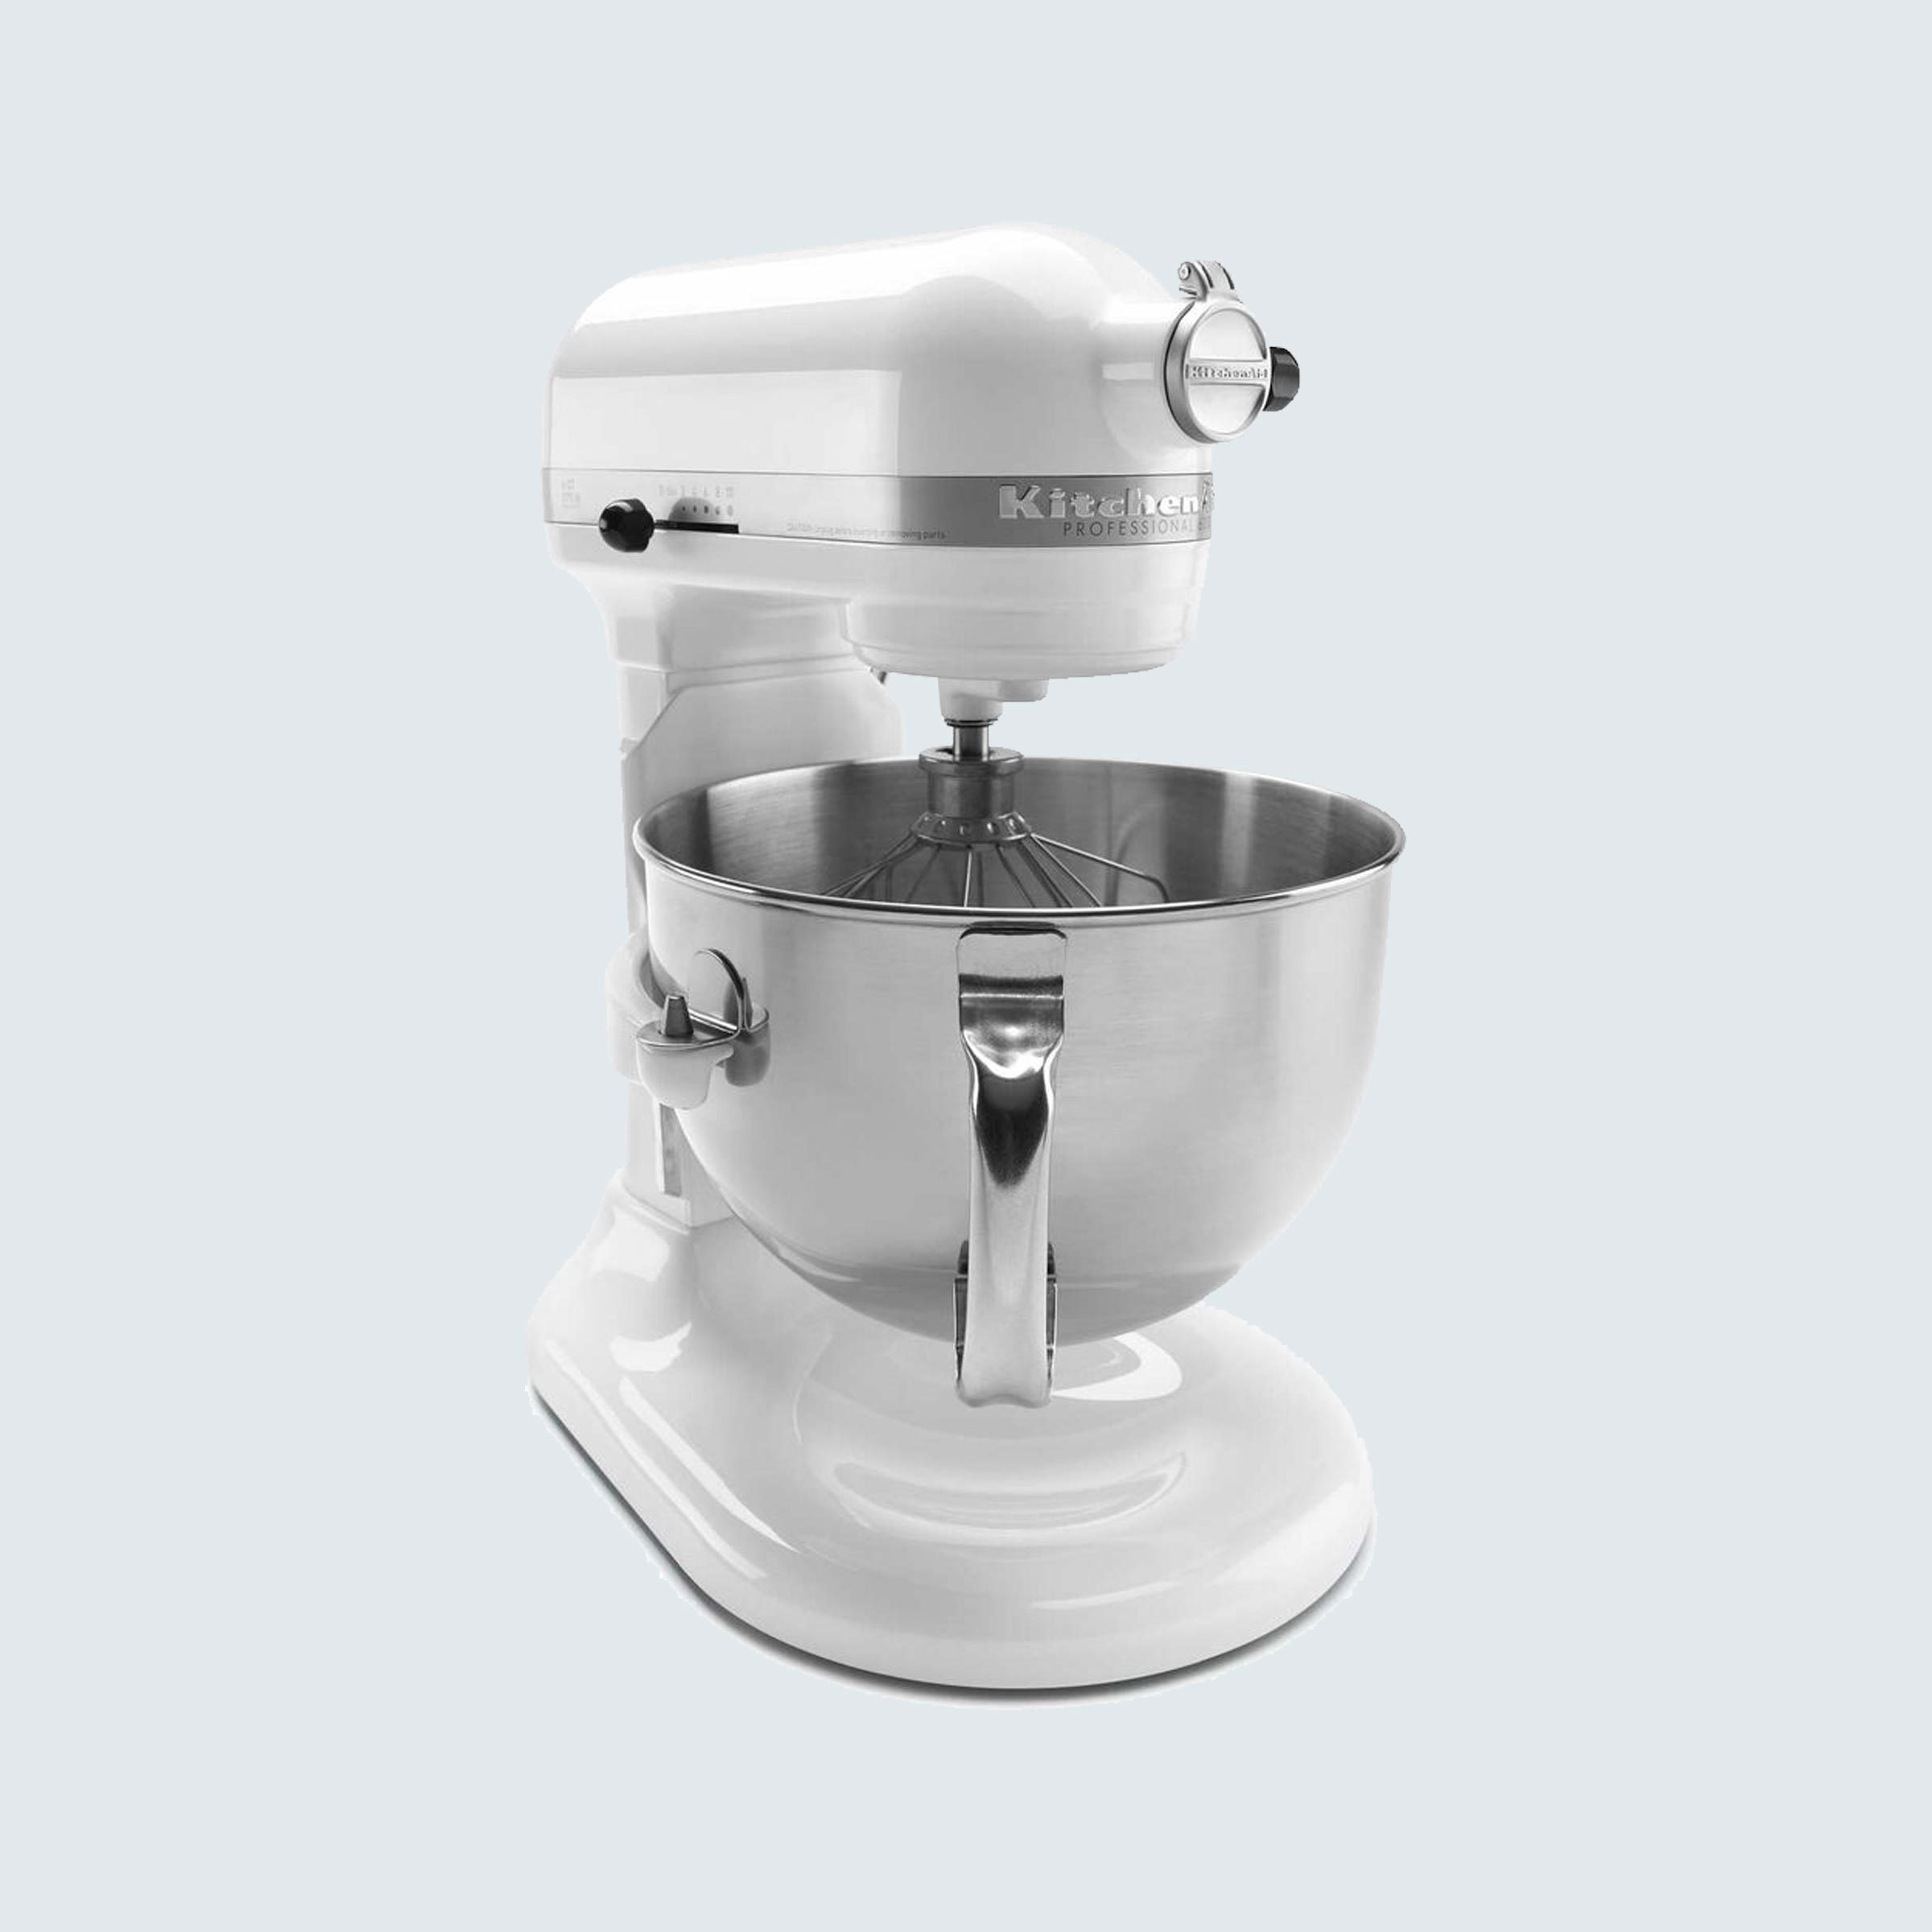 KitchenAid Pro 600 Stand Mixer